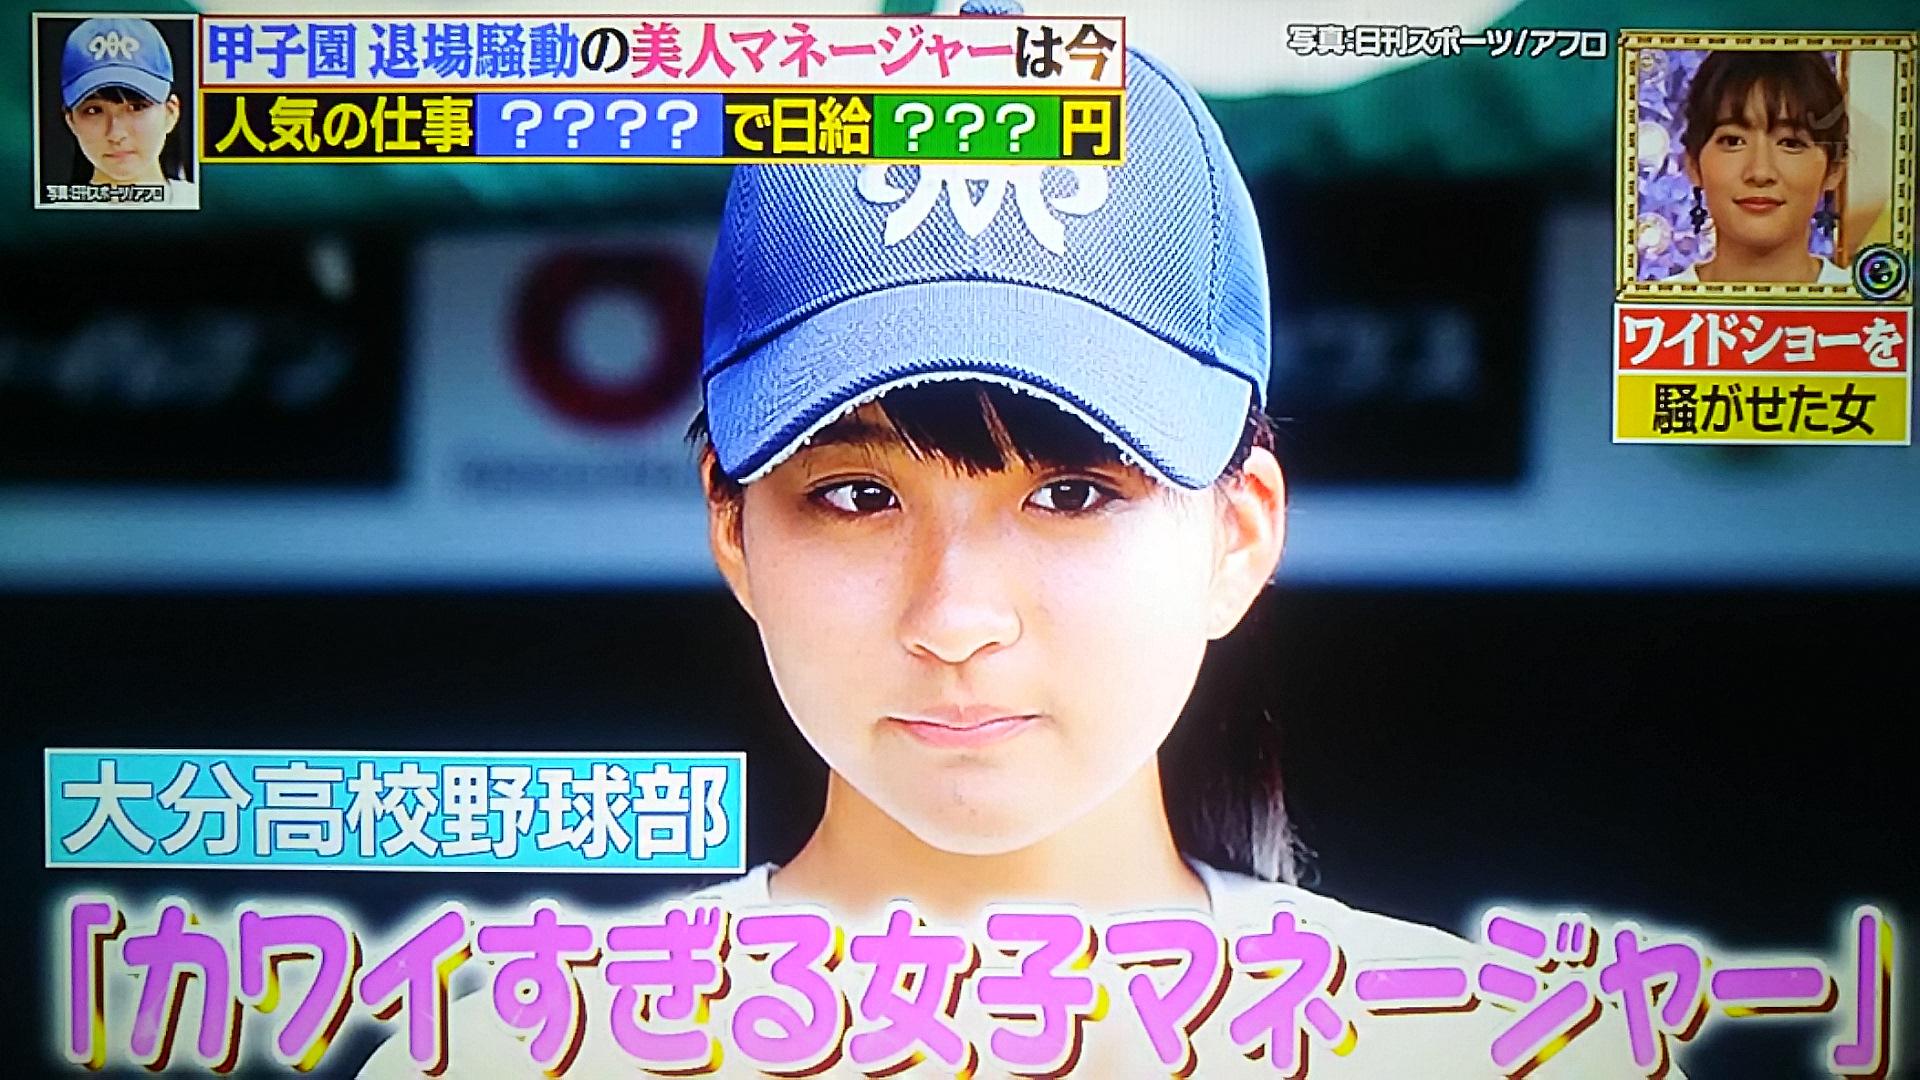 【画像】3年前に甲子園で話題になった美少女すぎるマネージャー首藤桃奈さん、恵体に成長するwwwwwwwwwwwwww